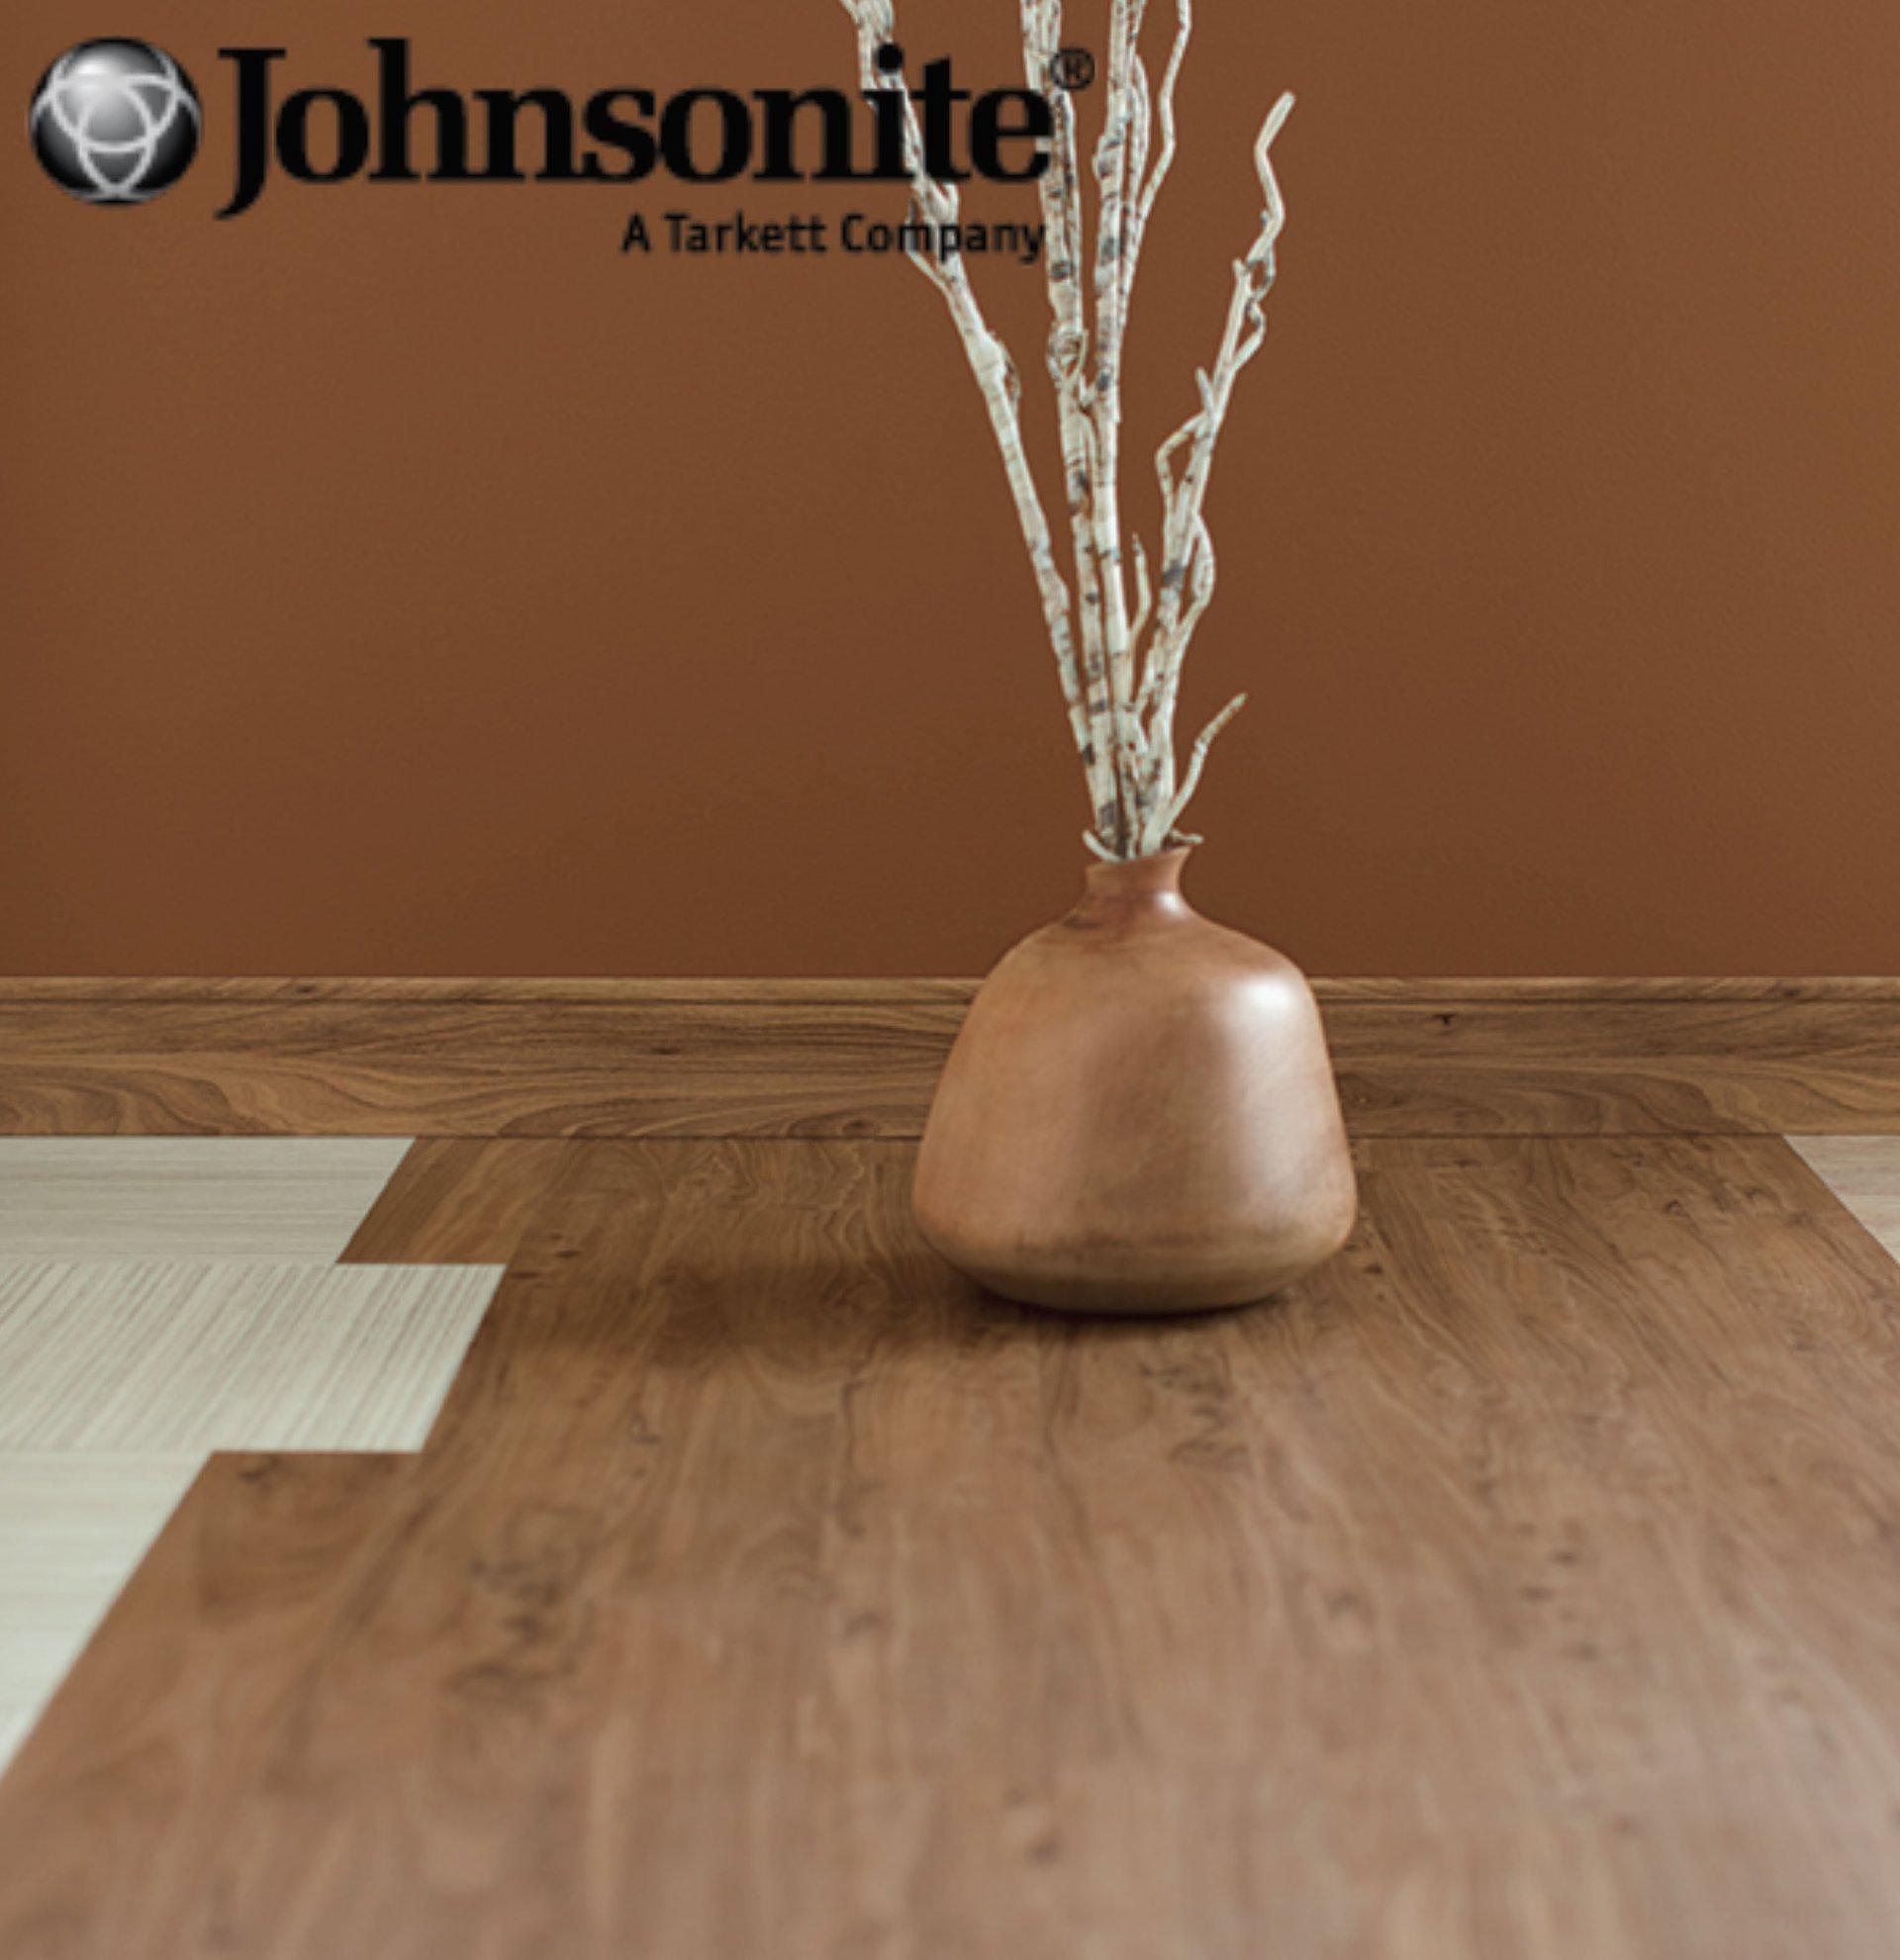 Johnsonite commercial LVT